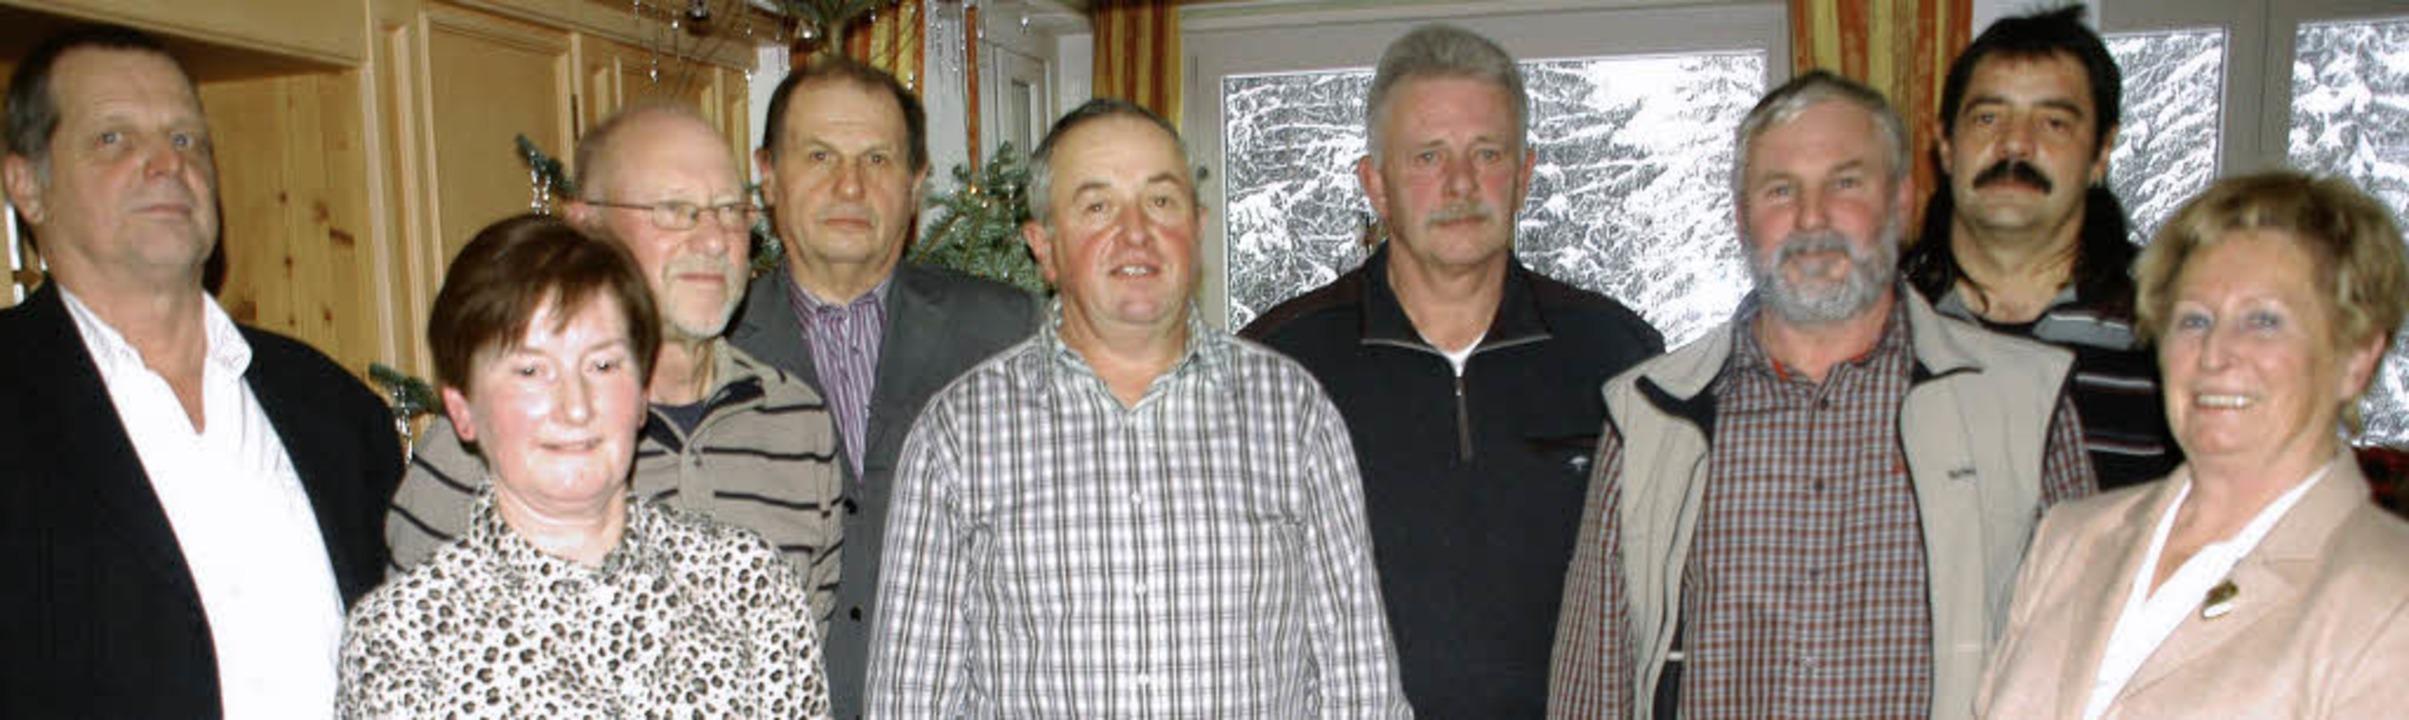 Die Firmengruppe Vogel-Walliser ehrte ...anche in den wohlverdienten Ruhestand.    Foto: Verena Wehrle